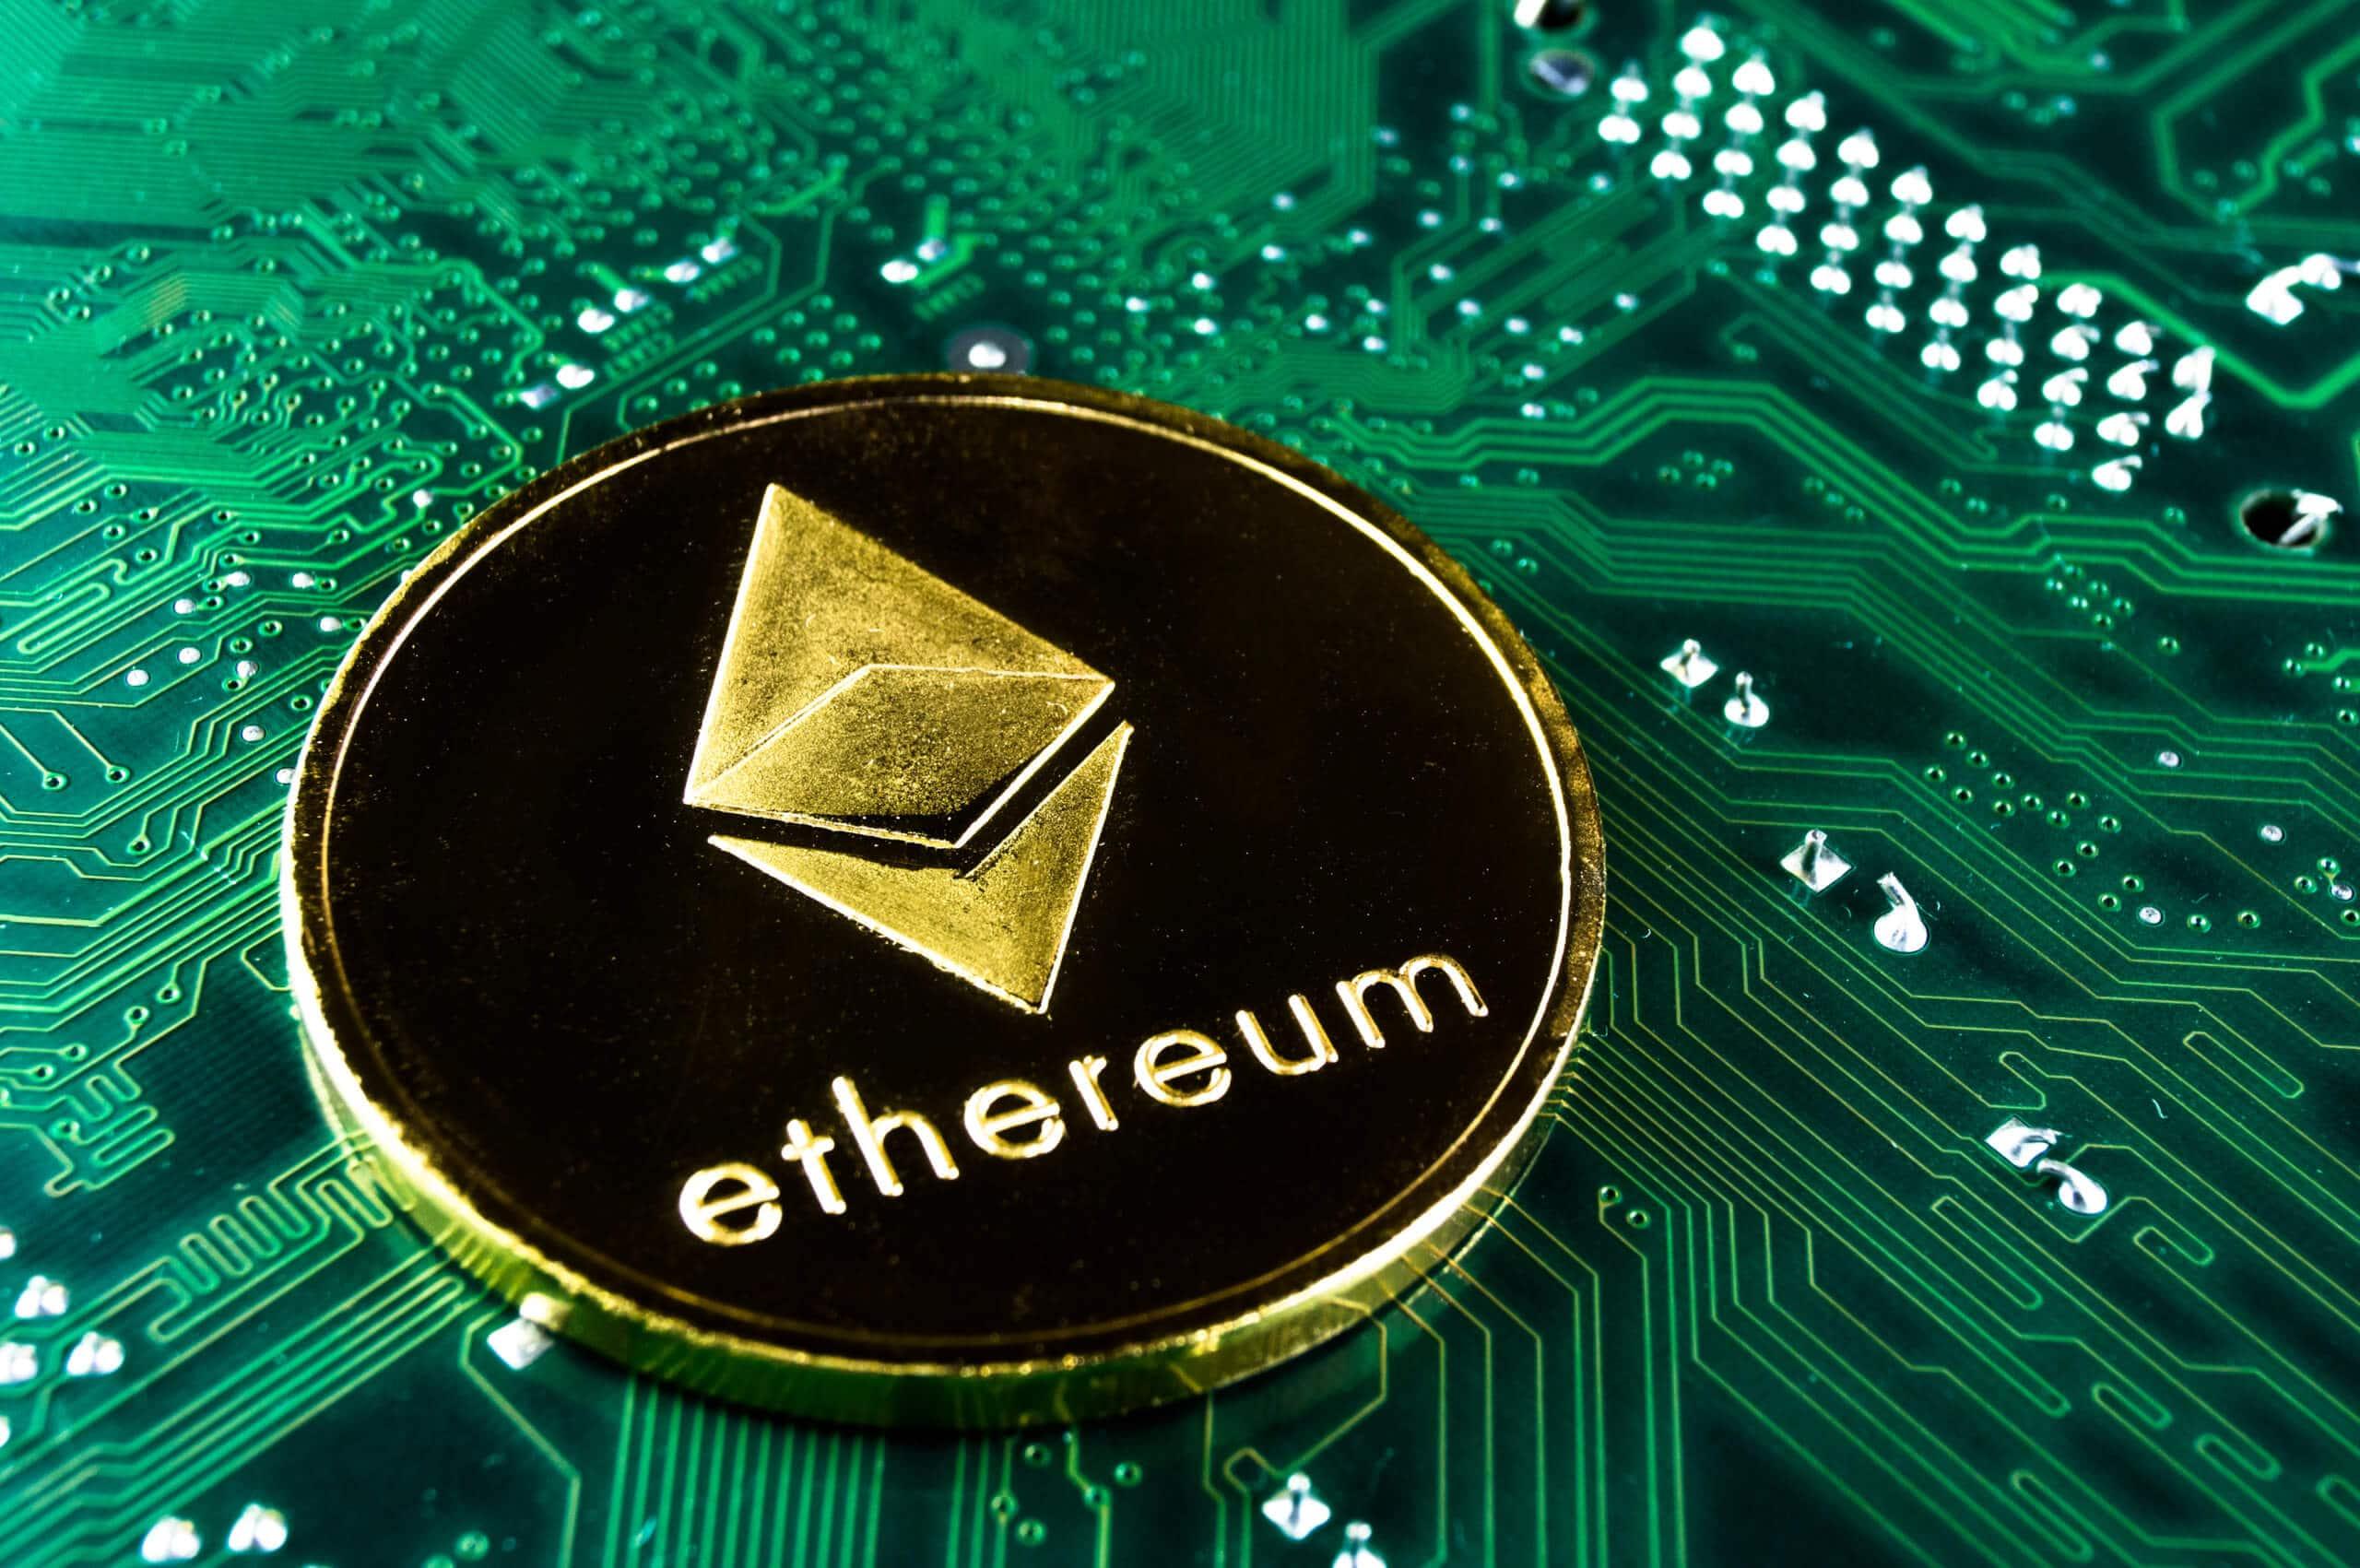 ether-münze-liegt-auf-einem-computerchip